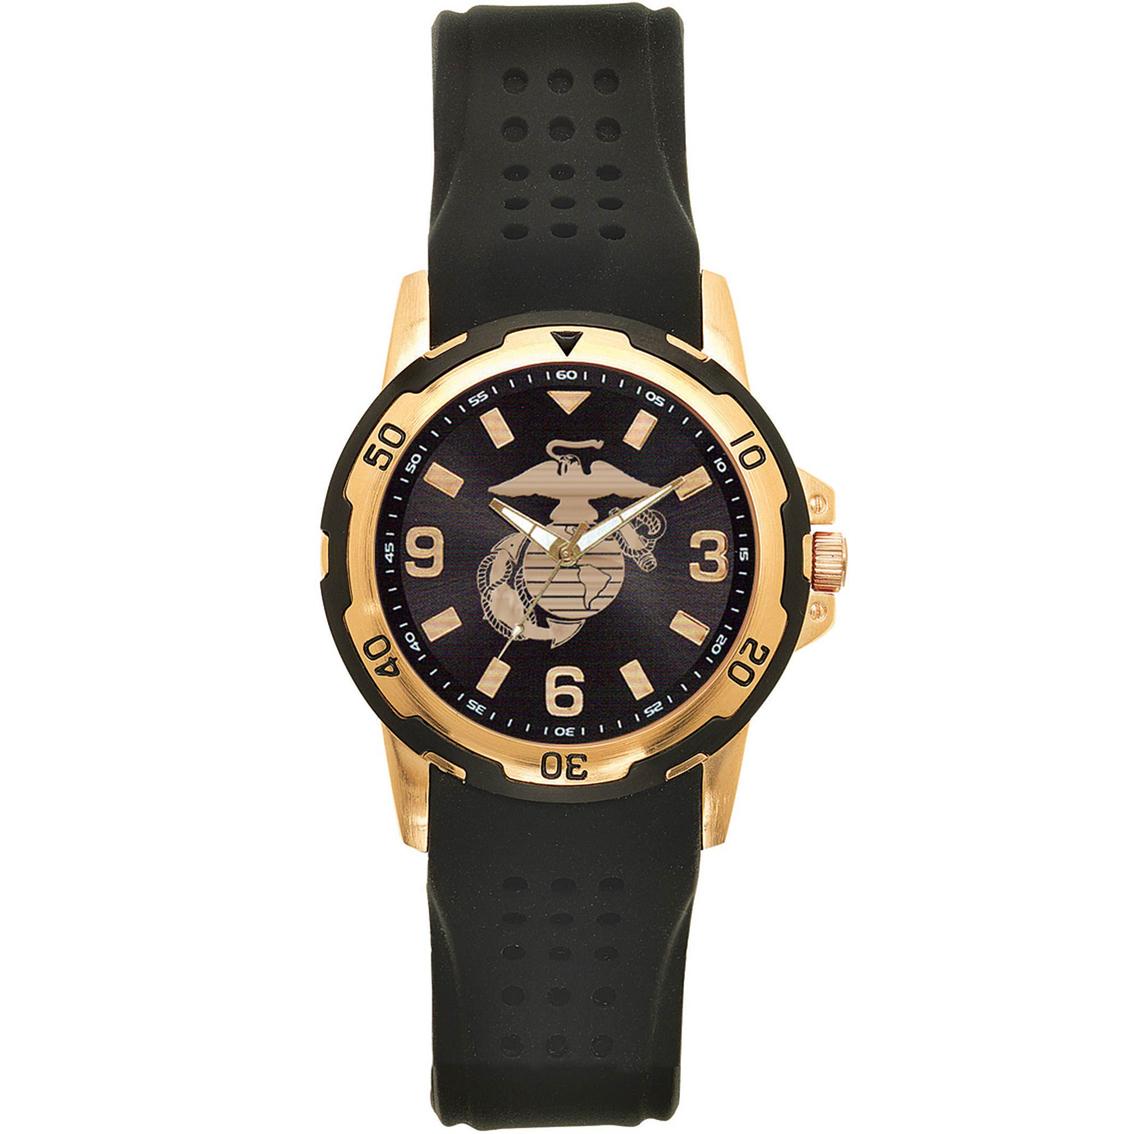 d4a7e597d7b Frontier U.s. Marine Corps Sports Dress Watch